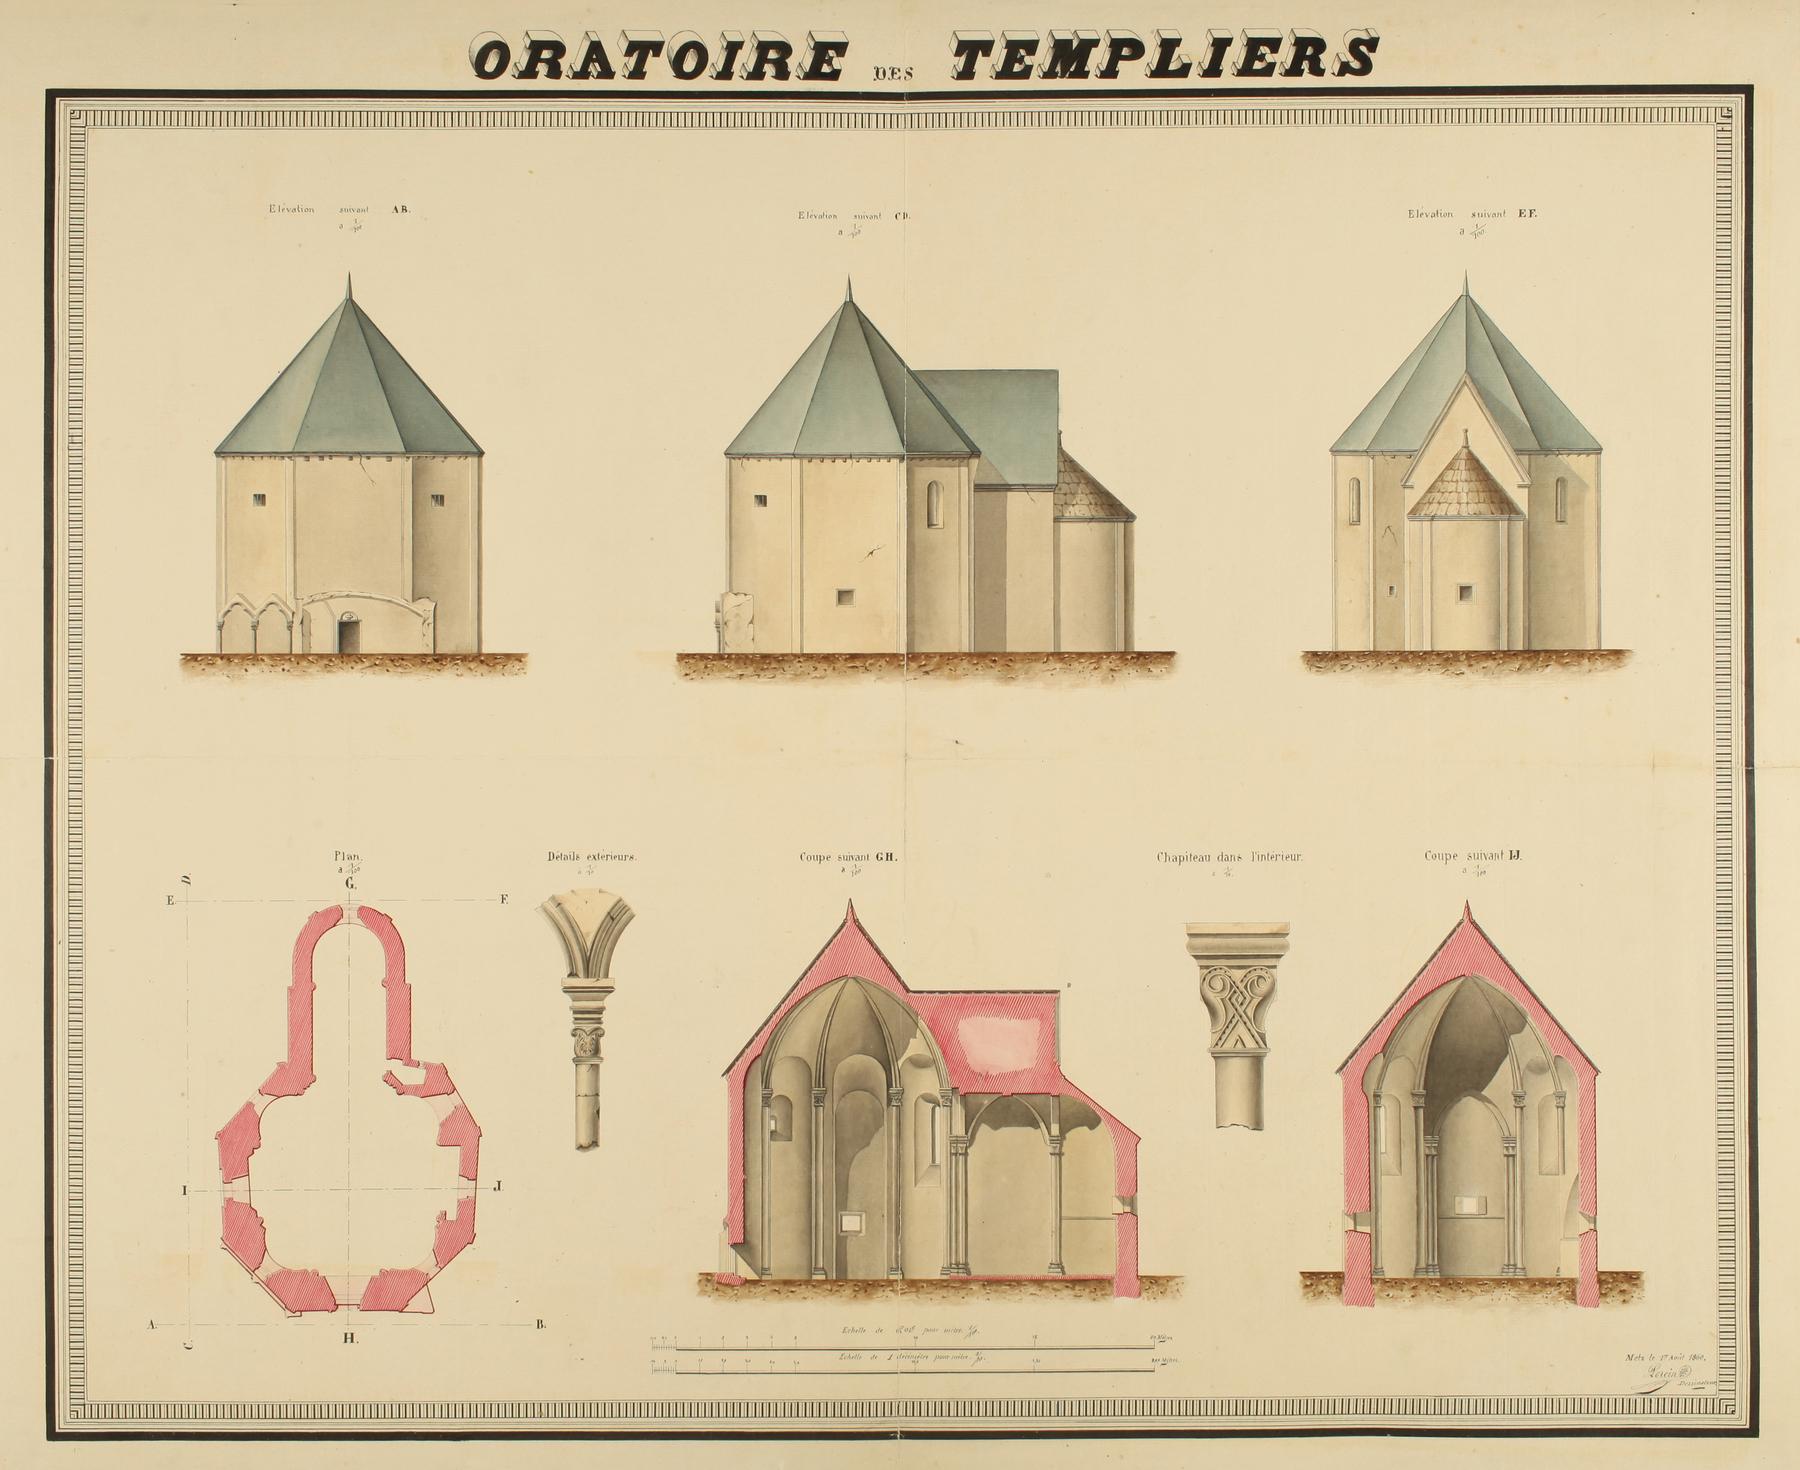 Contenu du Oratoire des Templiers